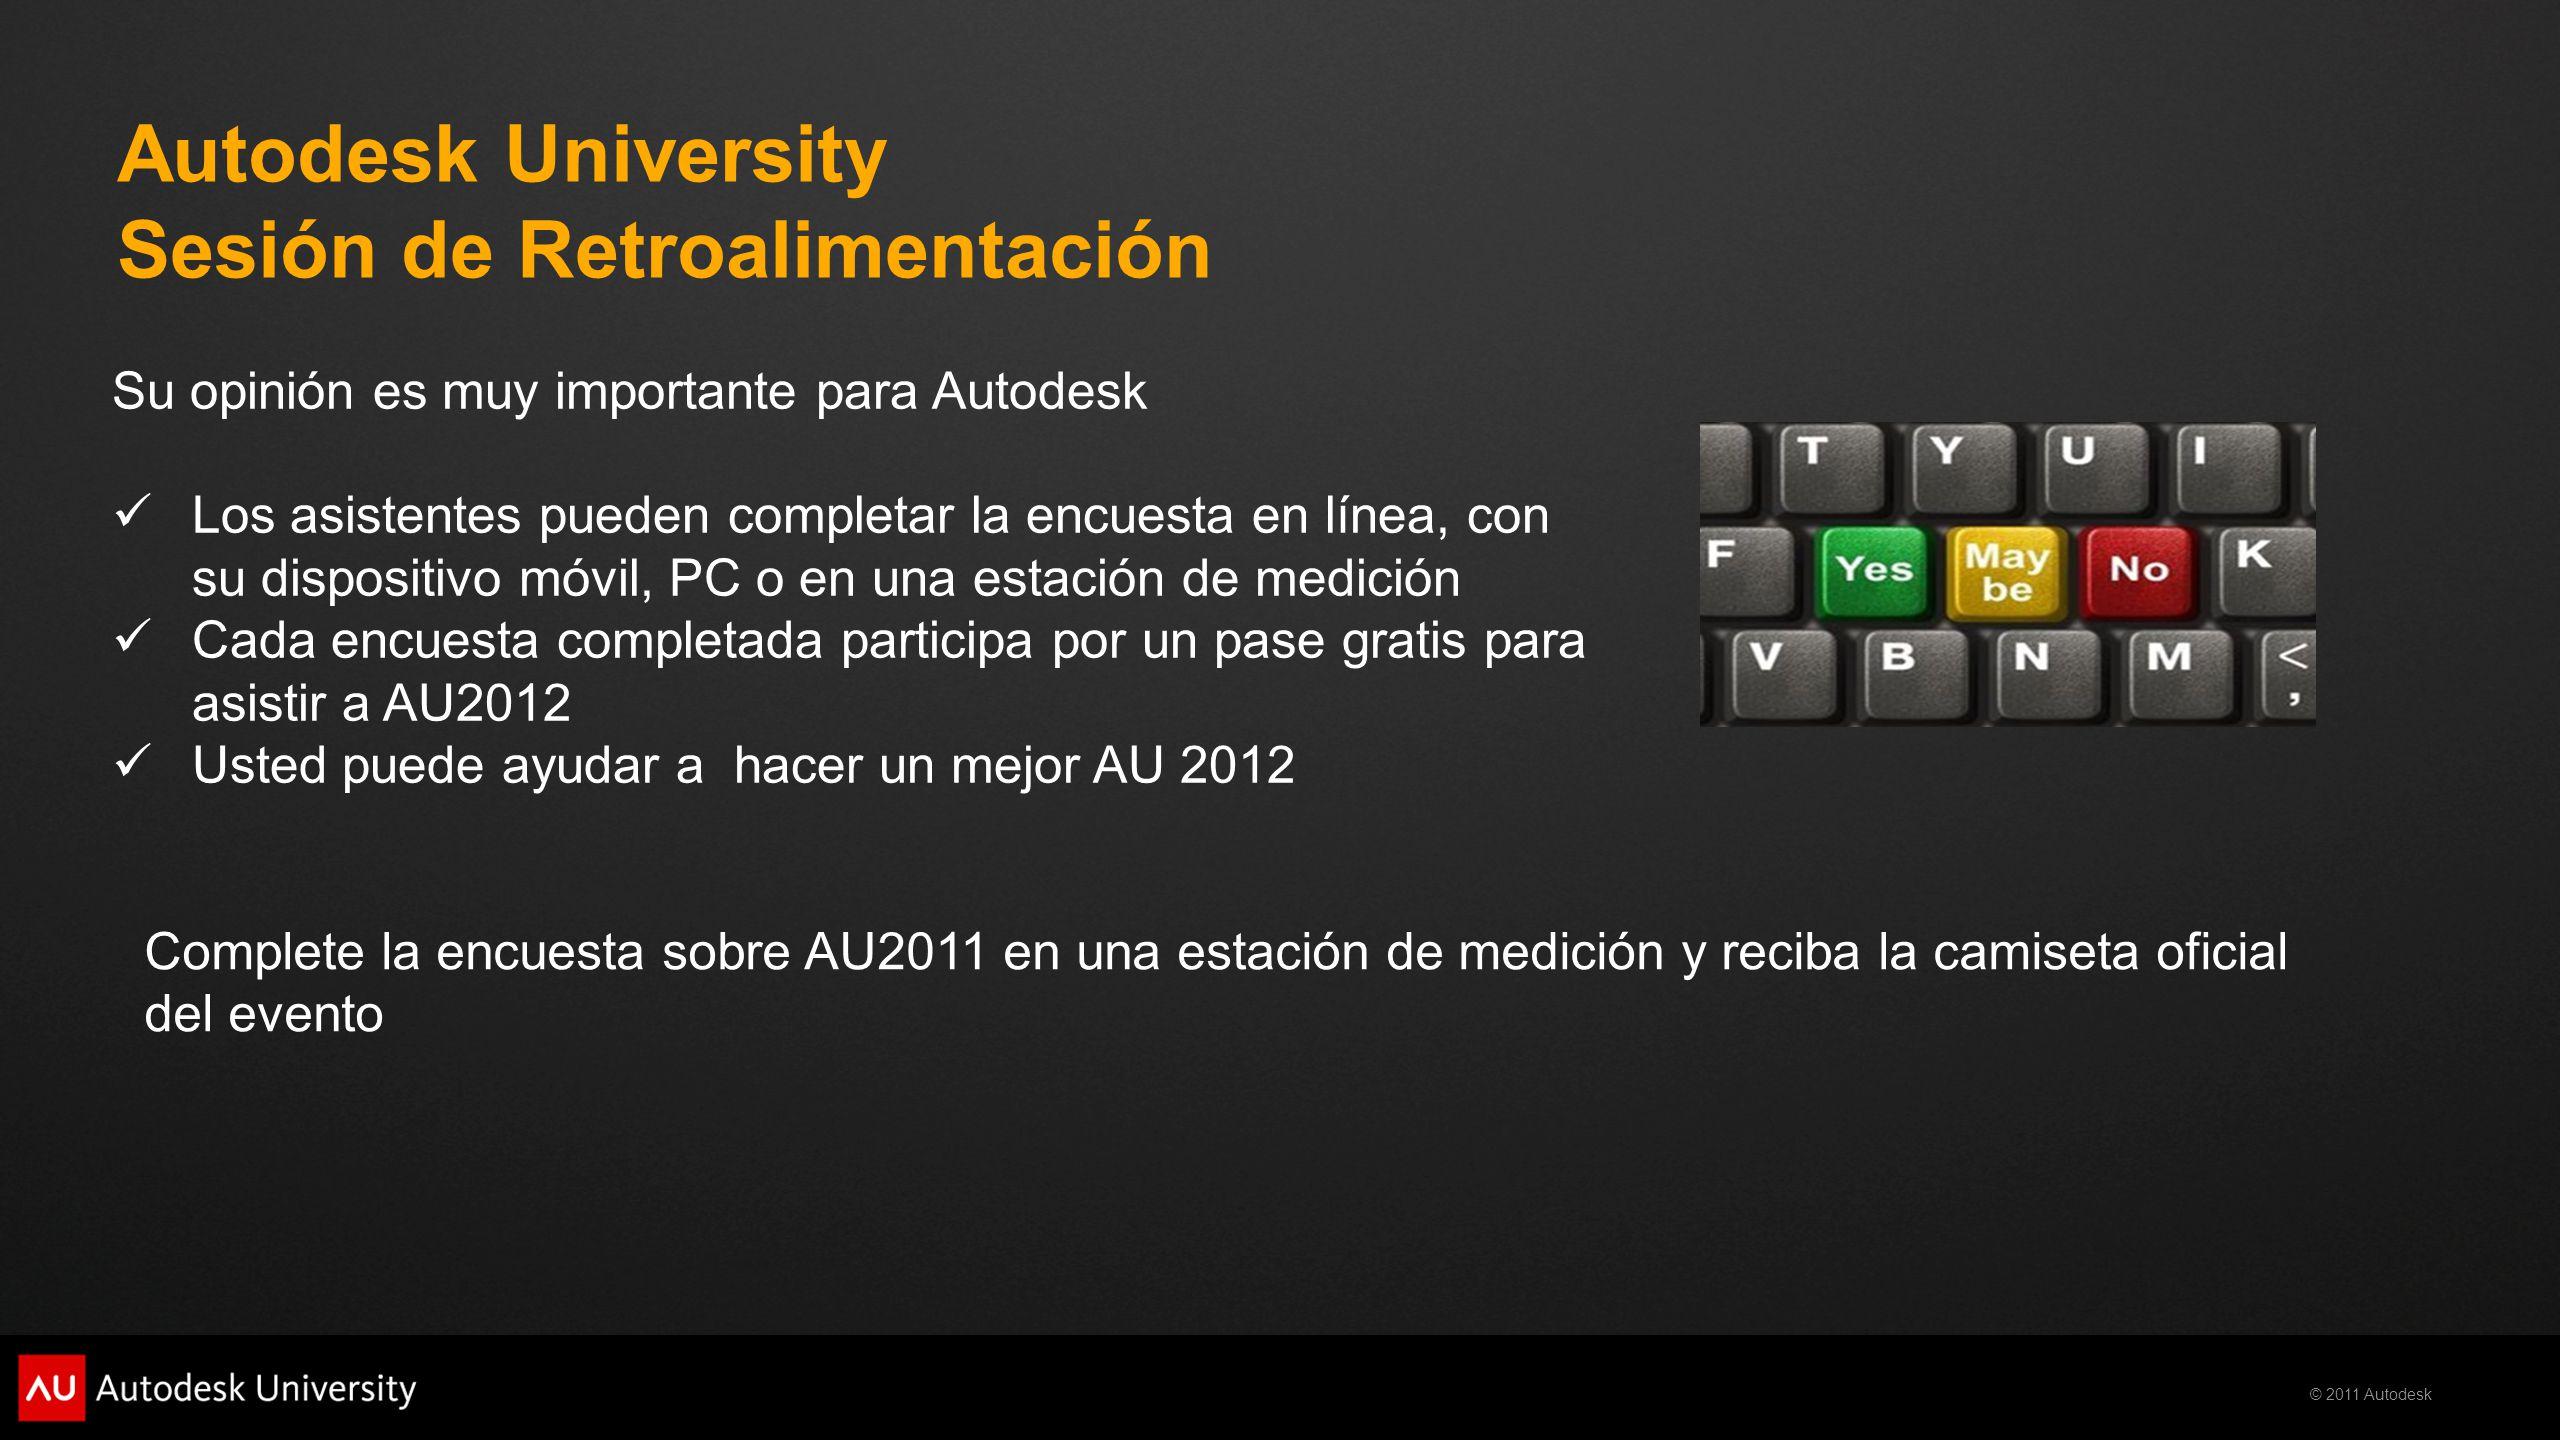 © 2011 Autodesk Autodesk University Sesión de Retroalimentación Su opinión es muy importante para Autodesk Los asistentes pueden completar la encuesta